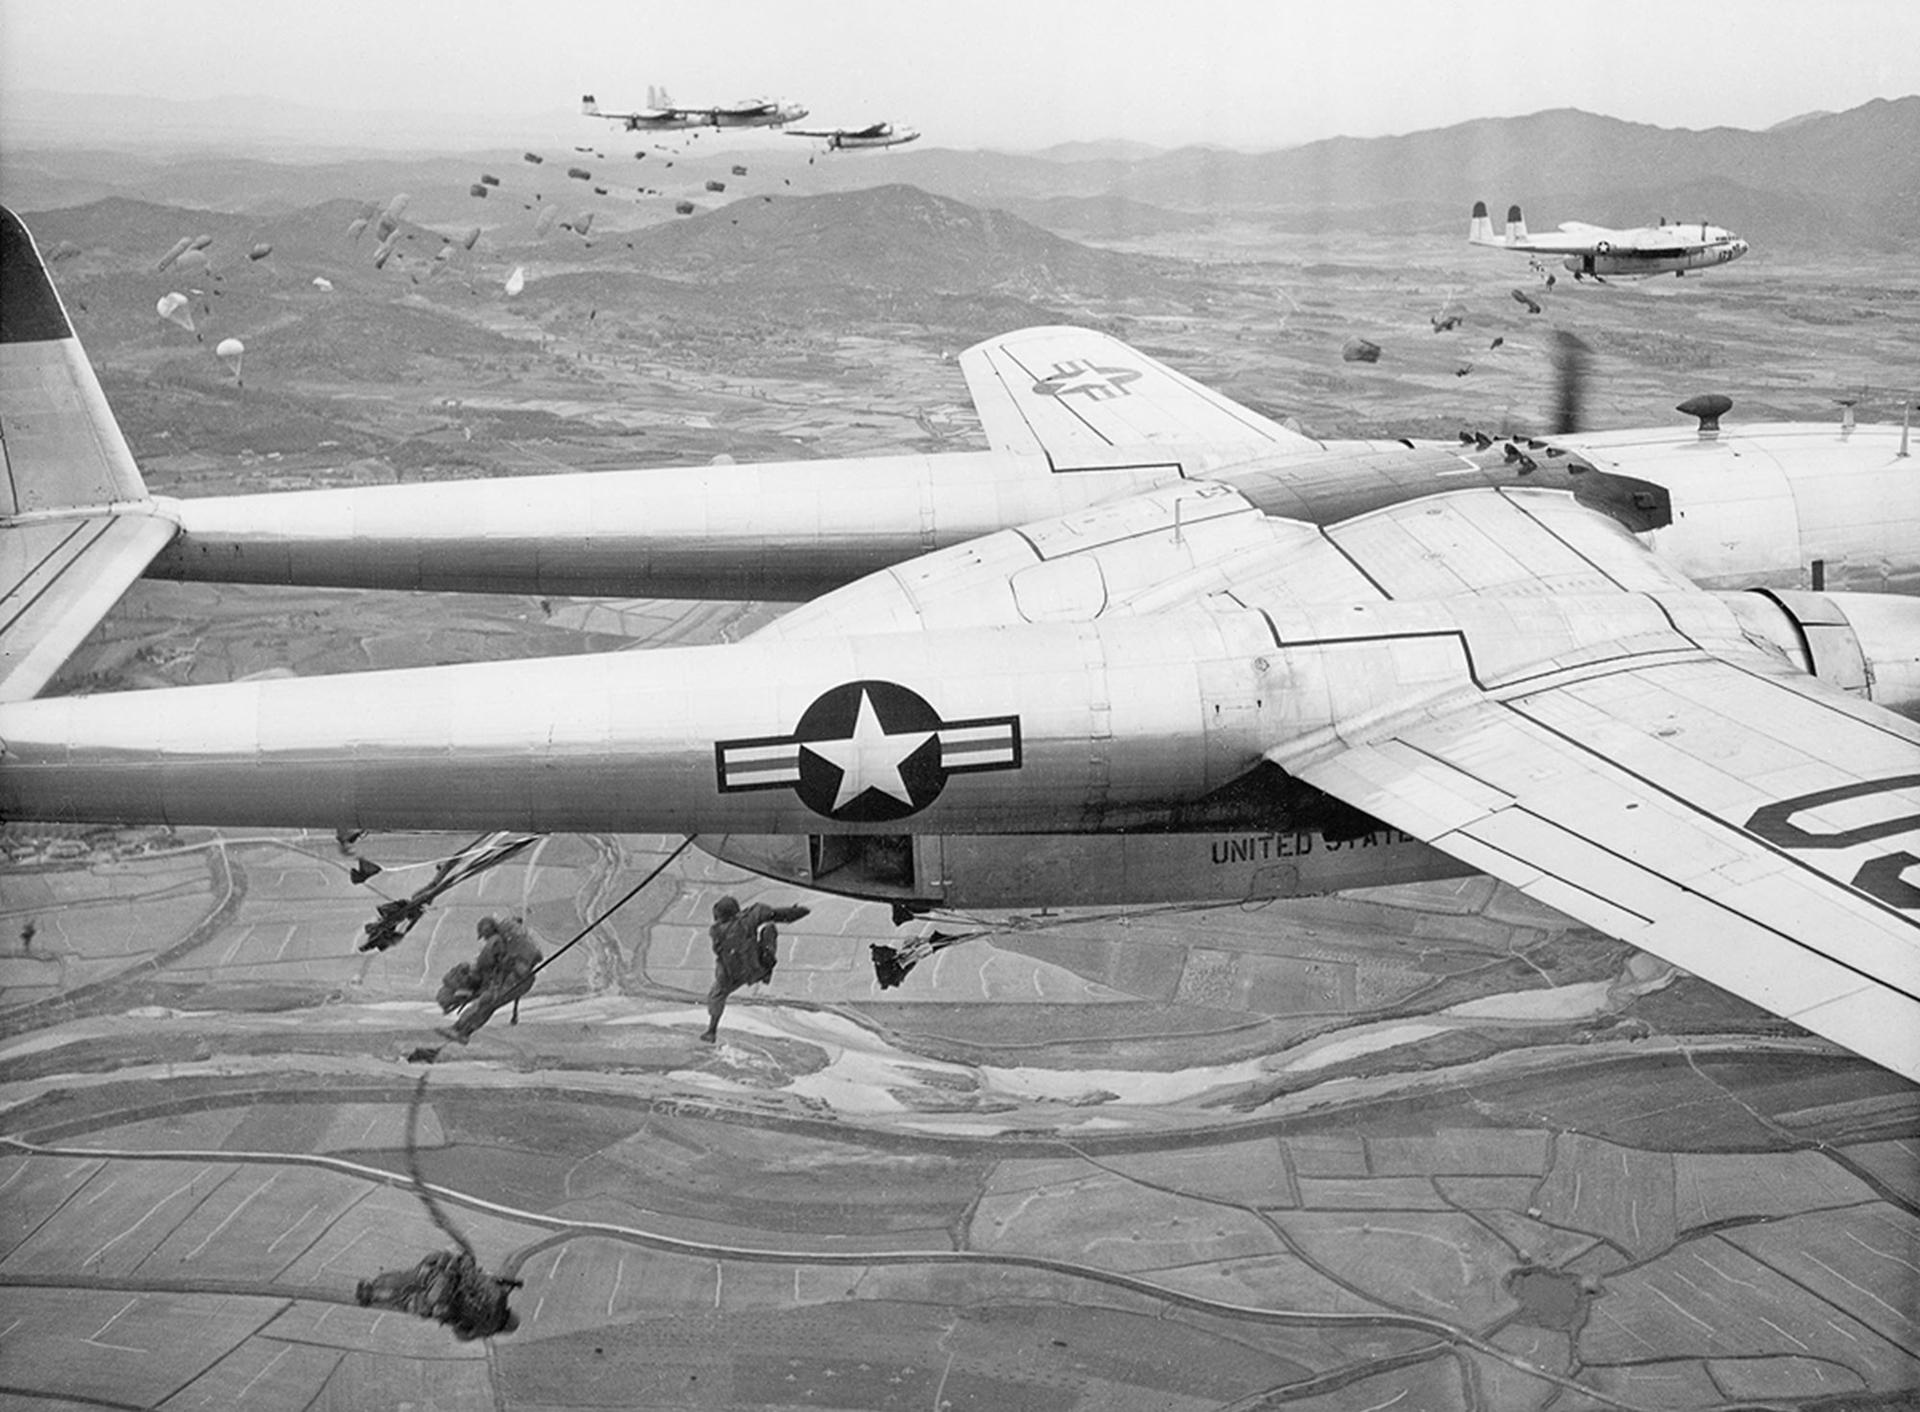 Paracaidistas caen de aviones de transporte de la Fuerza Aérea de EE.UU. C-119 durante una operación sobre un lugar no revelado en Corea, en octubre de 1950 (AP)